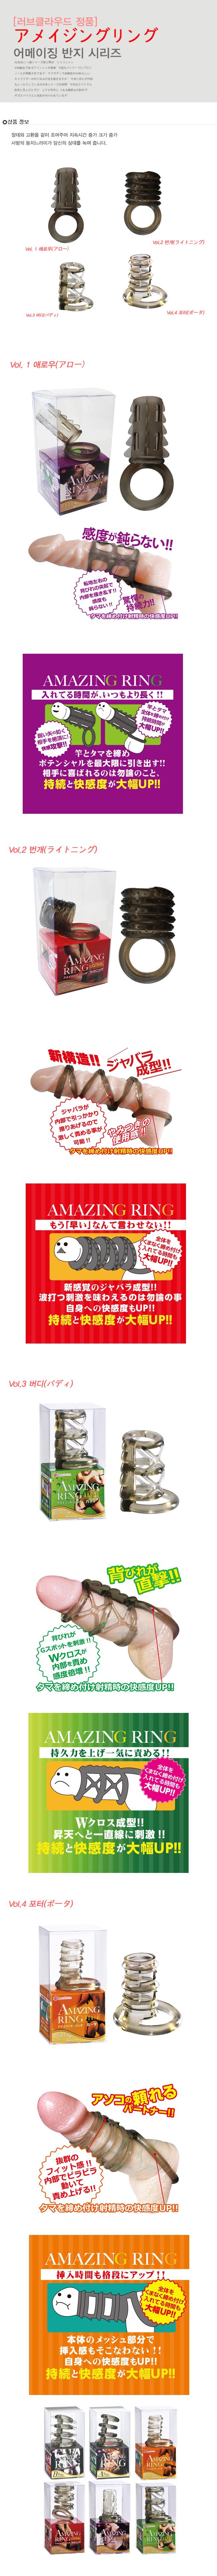 [일본 직수입] 어메이징 반지 시리즈(アメイジングリング)-[러브클라우드 정품]